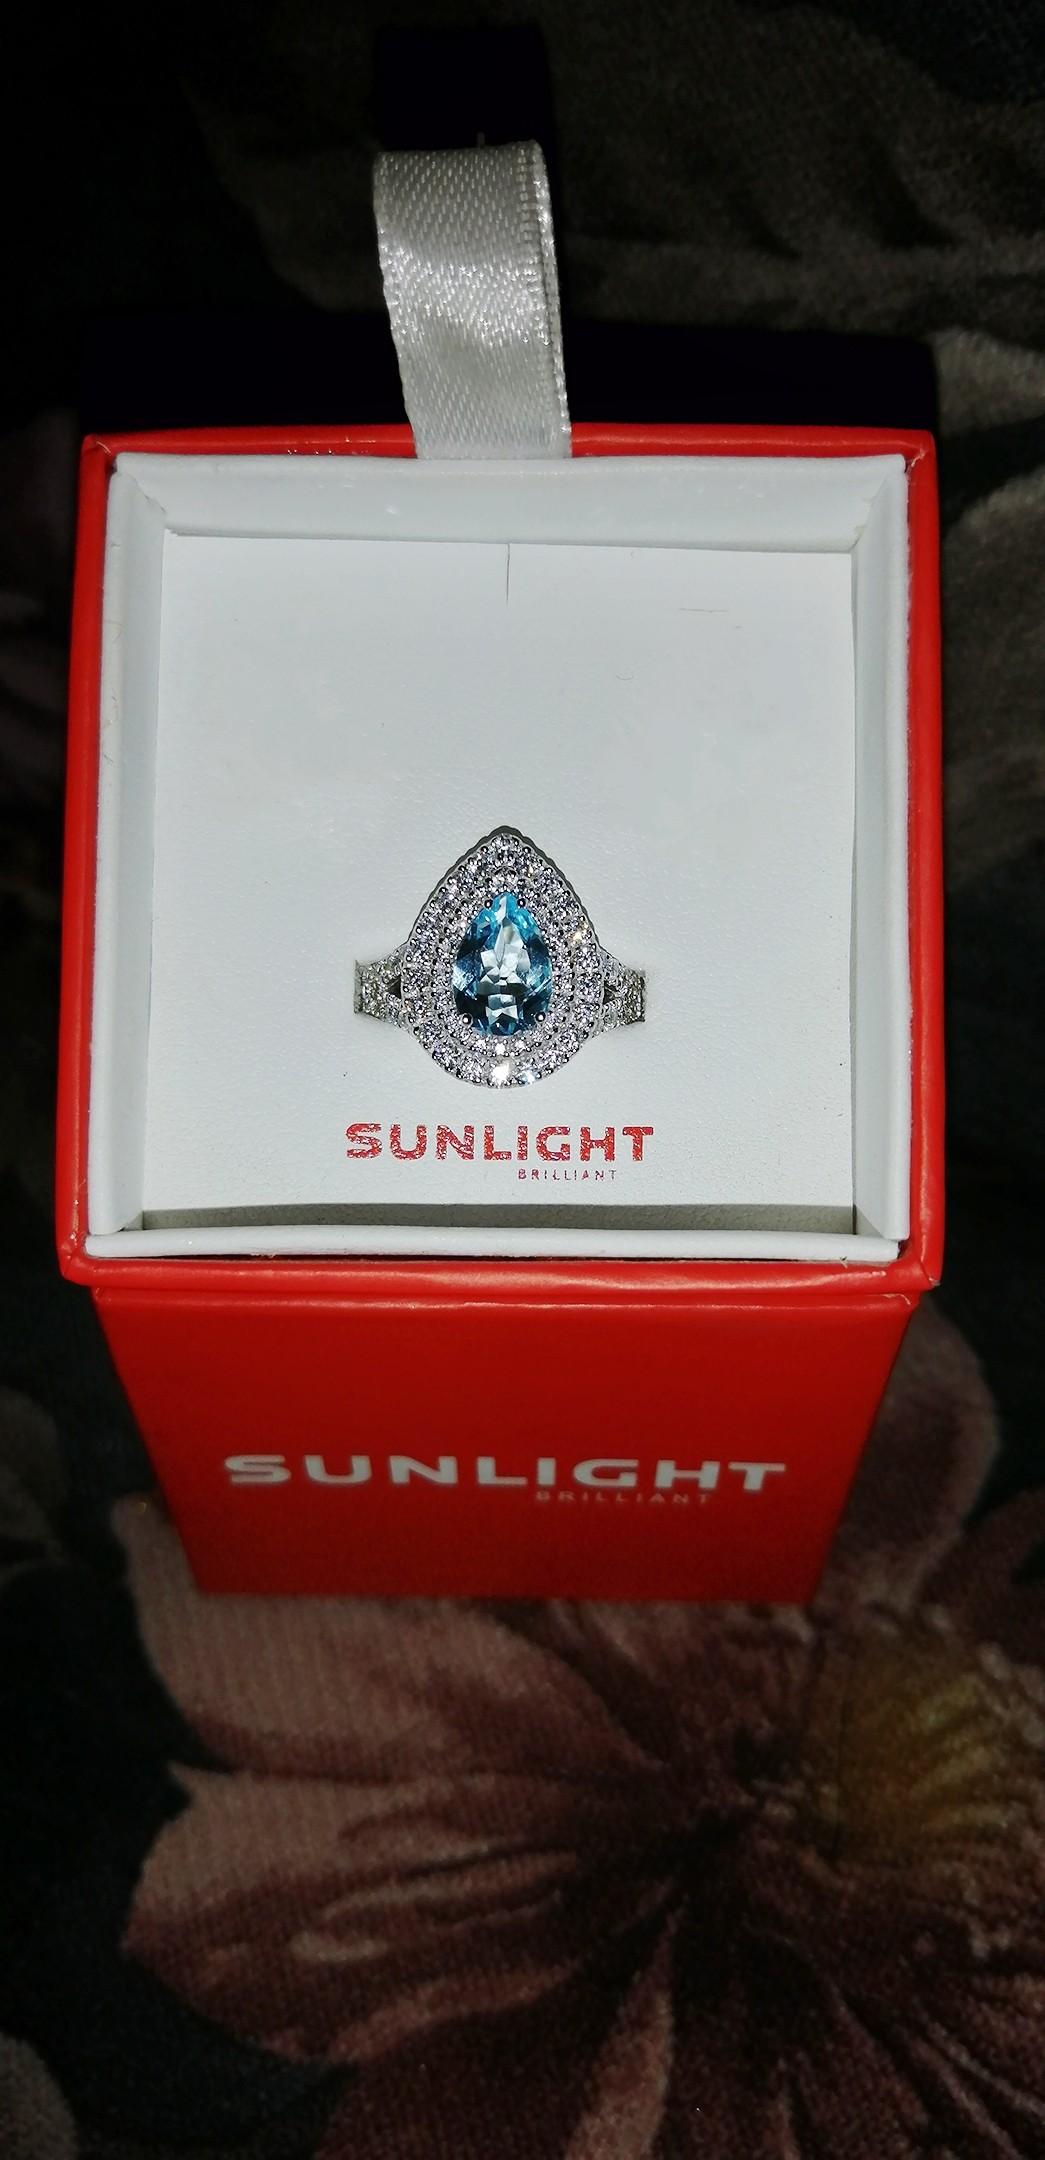 Шикарное кольцо, от которого невозможно отвести глаз